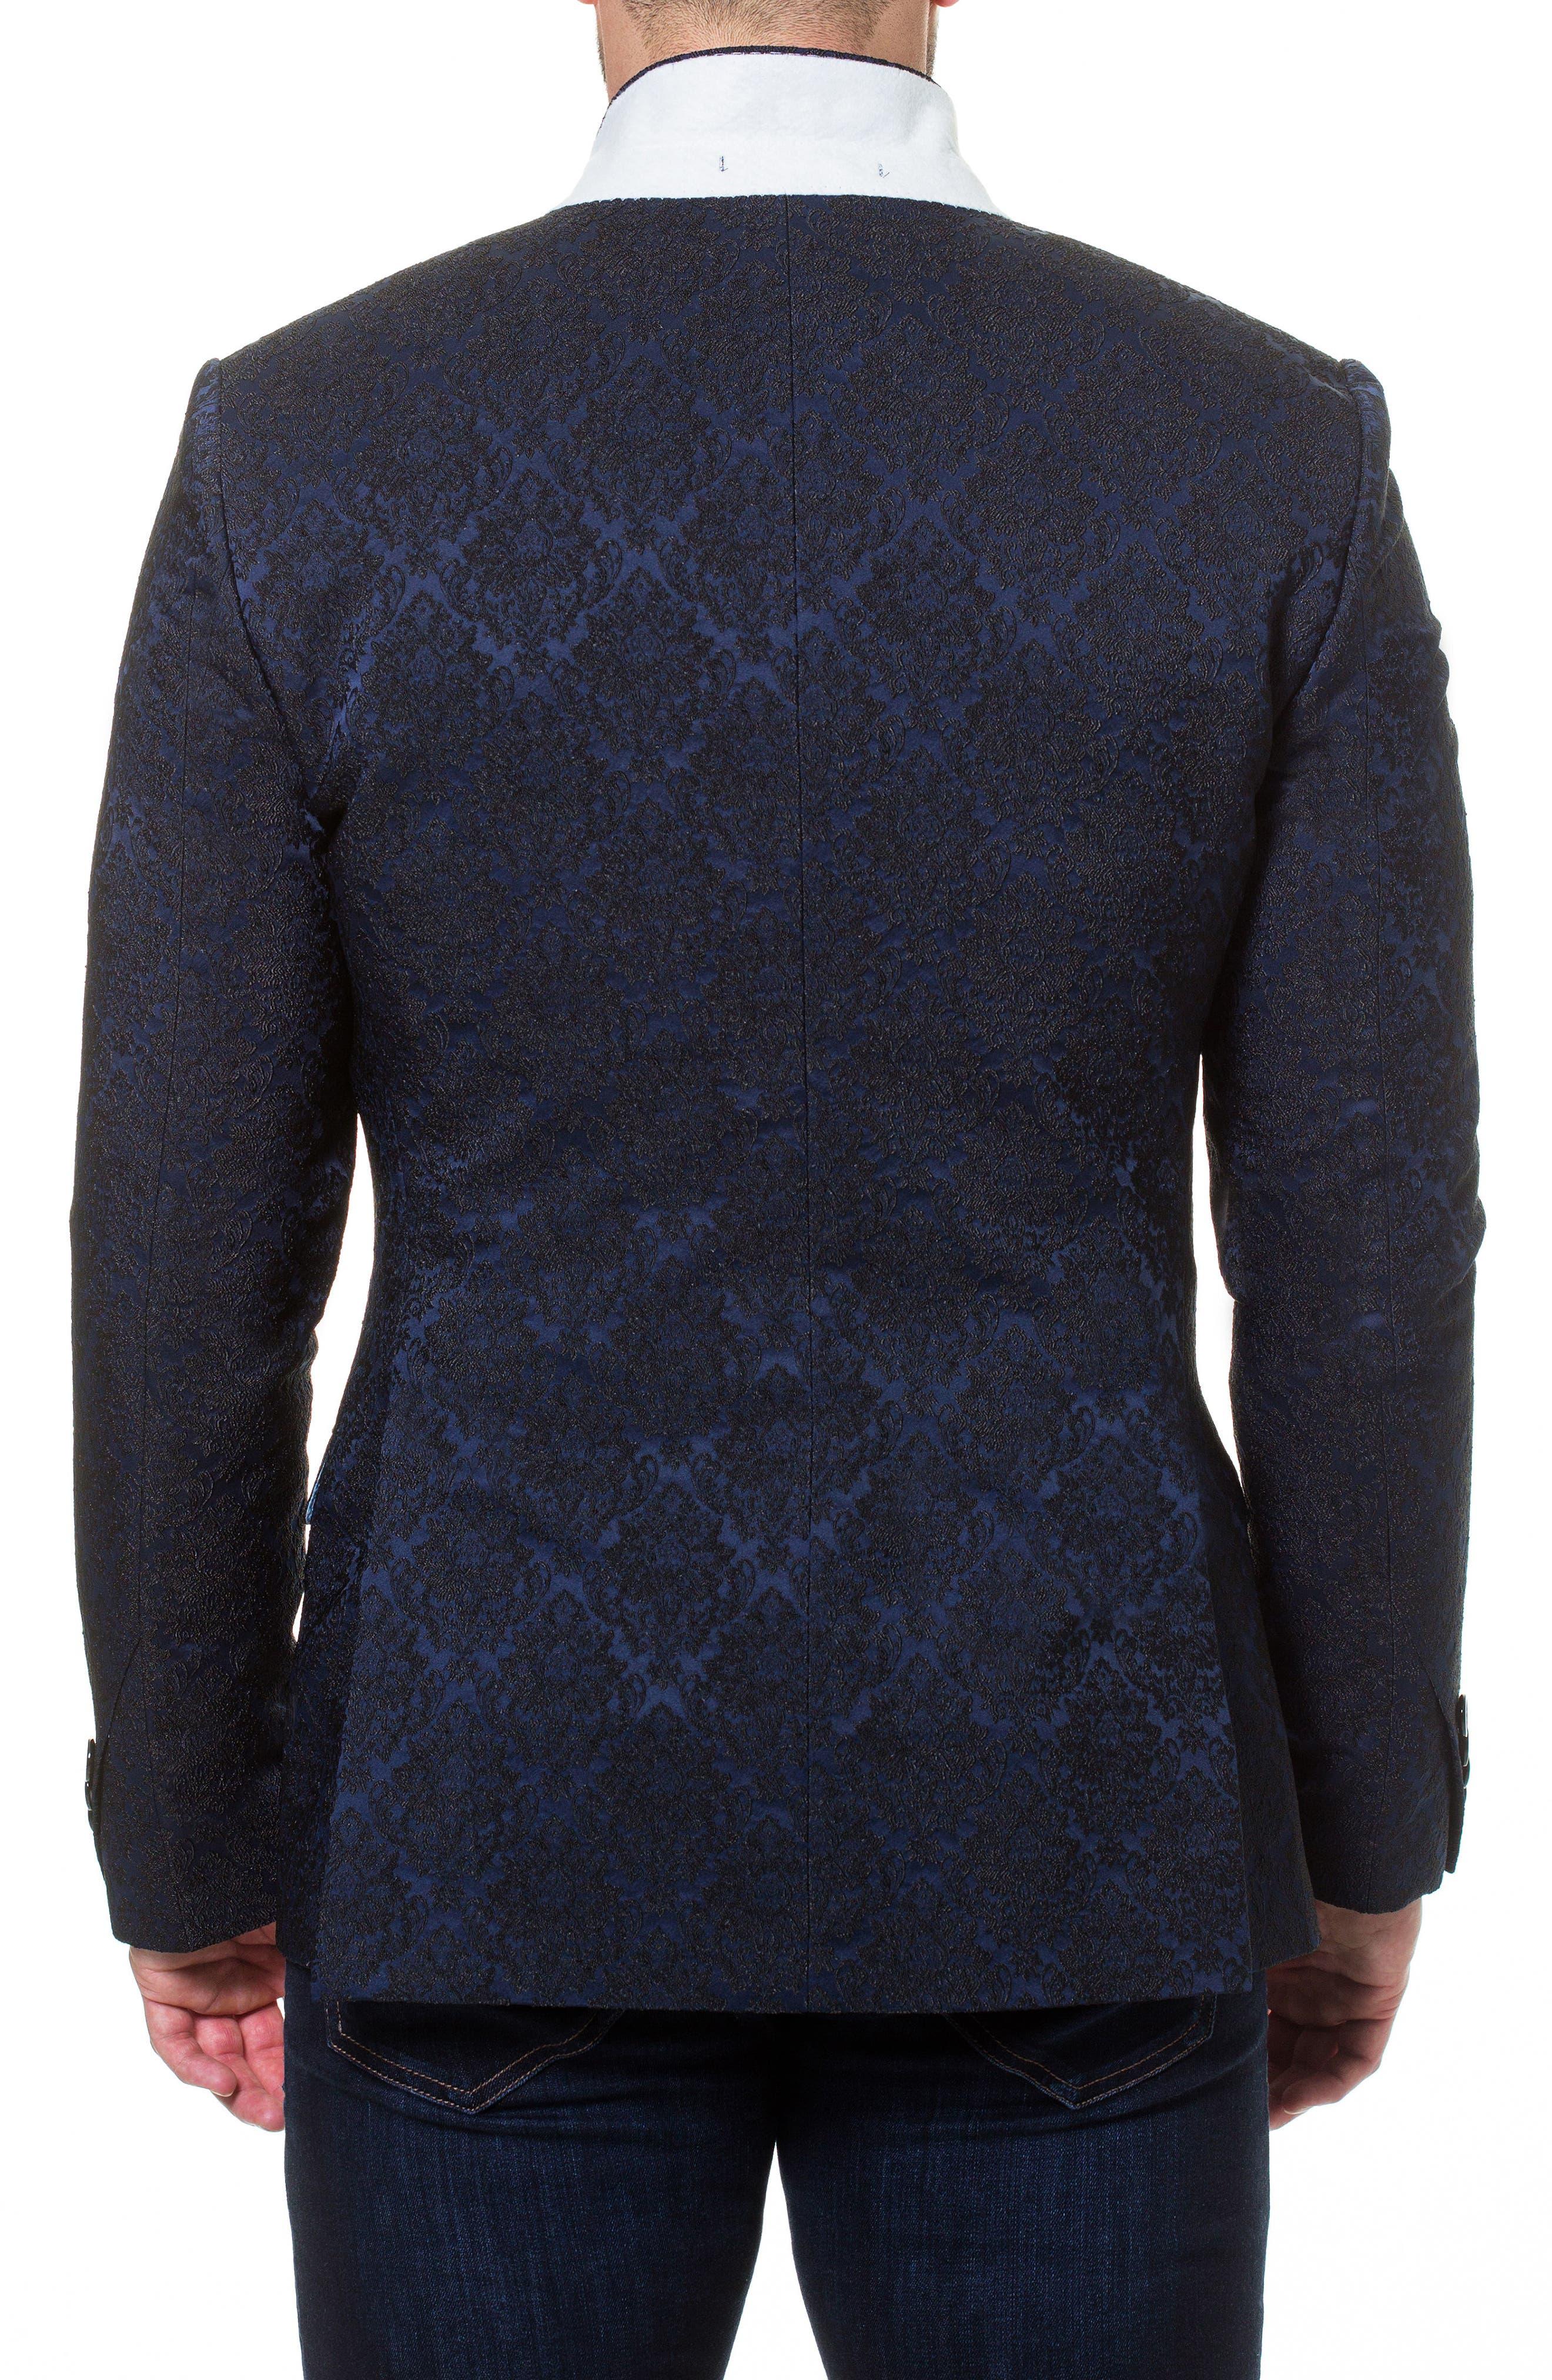 Descartes Jacquard Linen & Cotton Blend Sport Coat,                             Alternate thumbnail 5, color,                             420